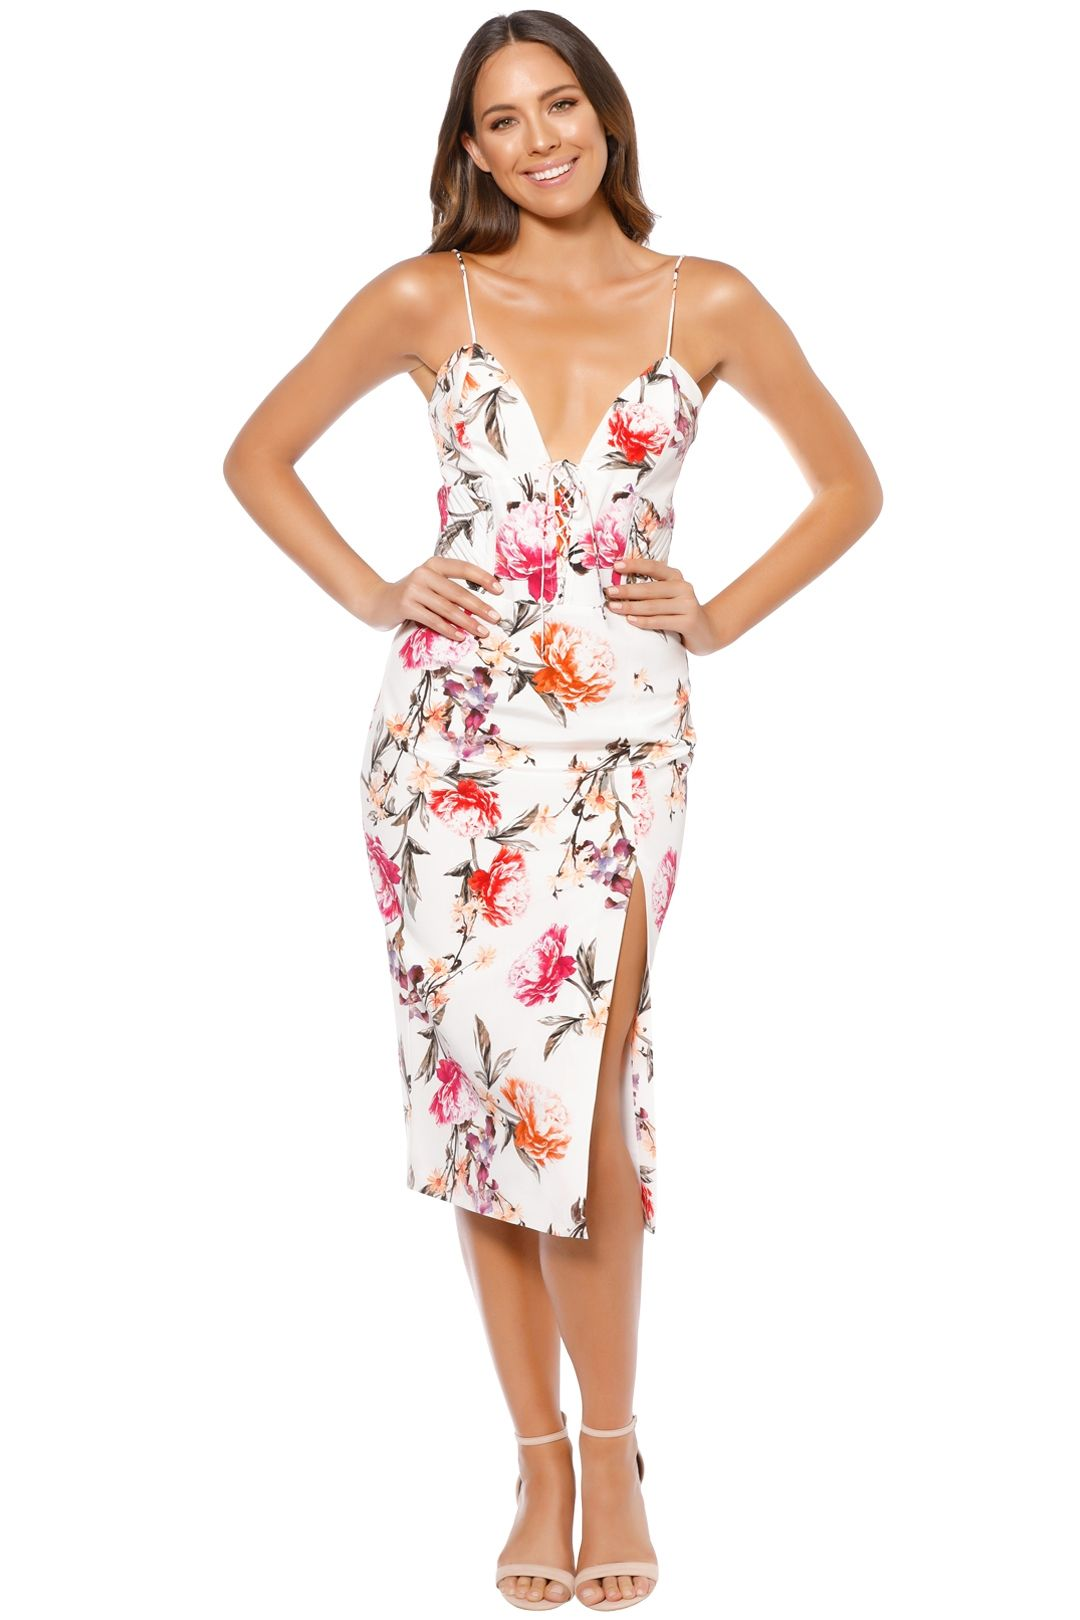 Nicholas - Lucile Floral Corset Bra Dress - Ivory - Front